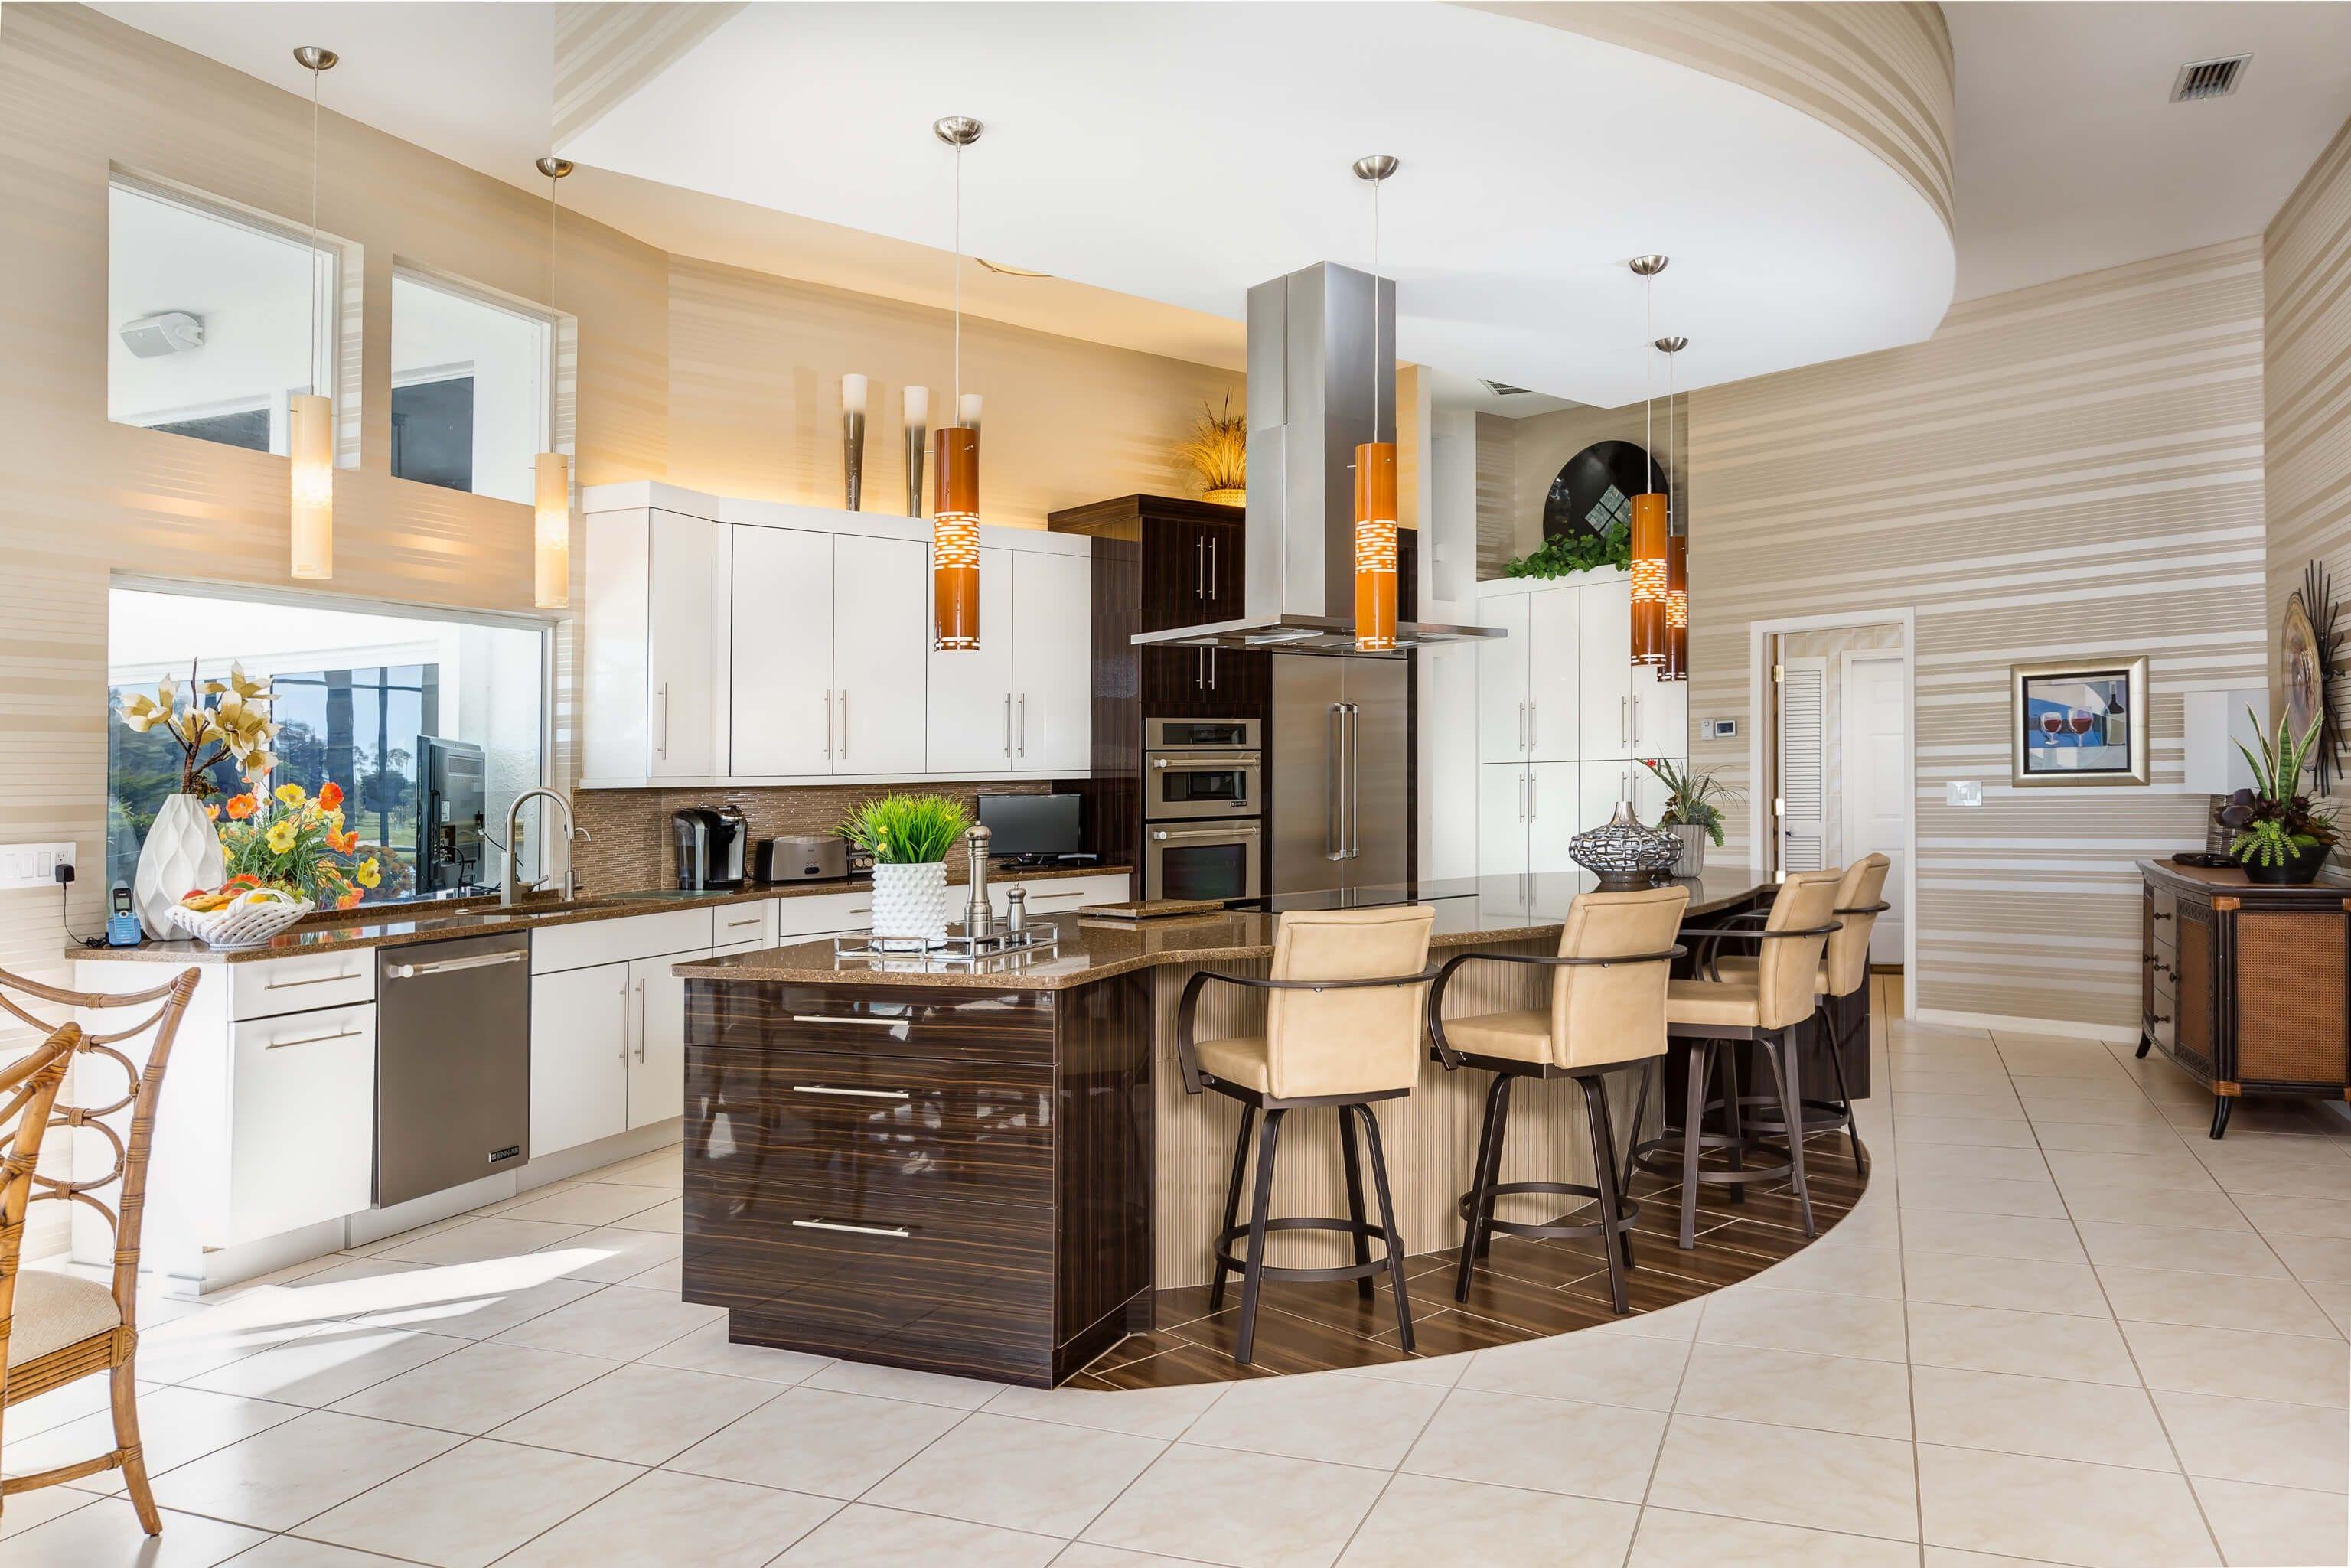 Bonita Springs, Florida Kitchen Remodeling in 2020 (With ...